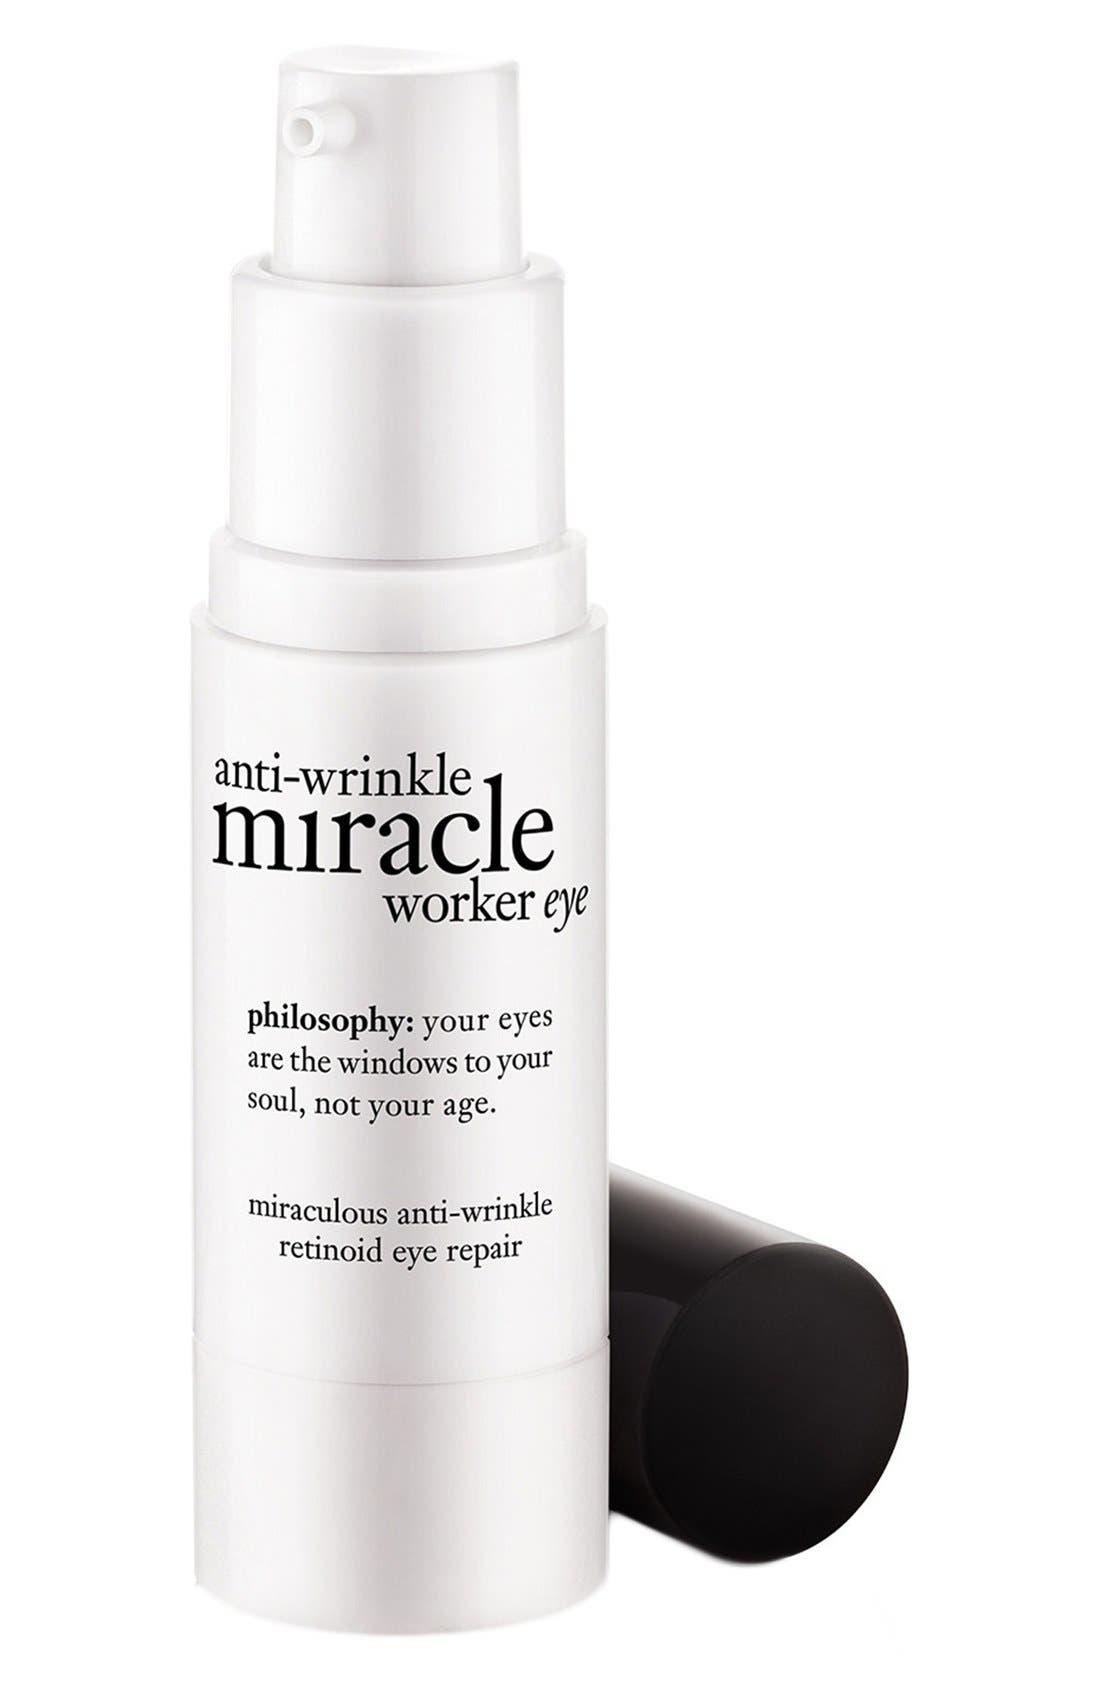 anti-wrinkle miracle worker eye miraculous anti-wrinkle retinoid eye repair,                             Main thumbnail 1, color,                             NO COLOR